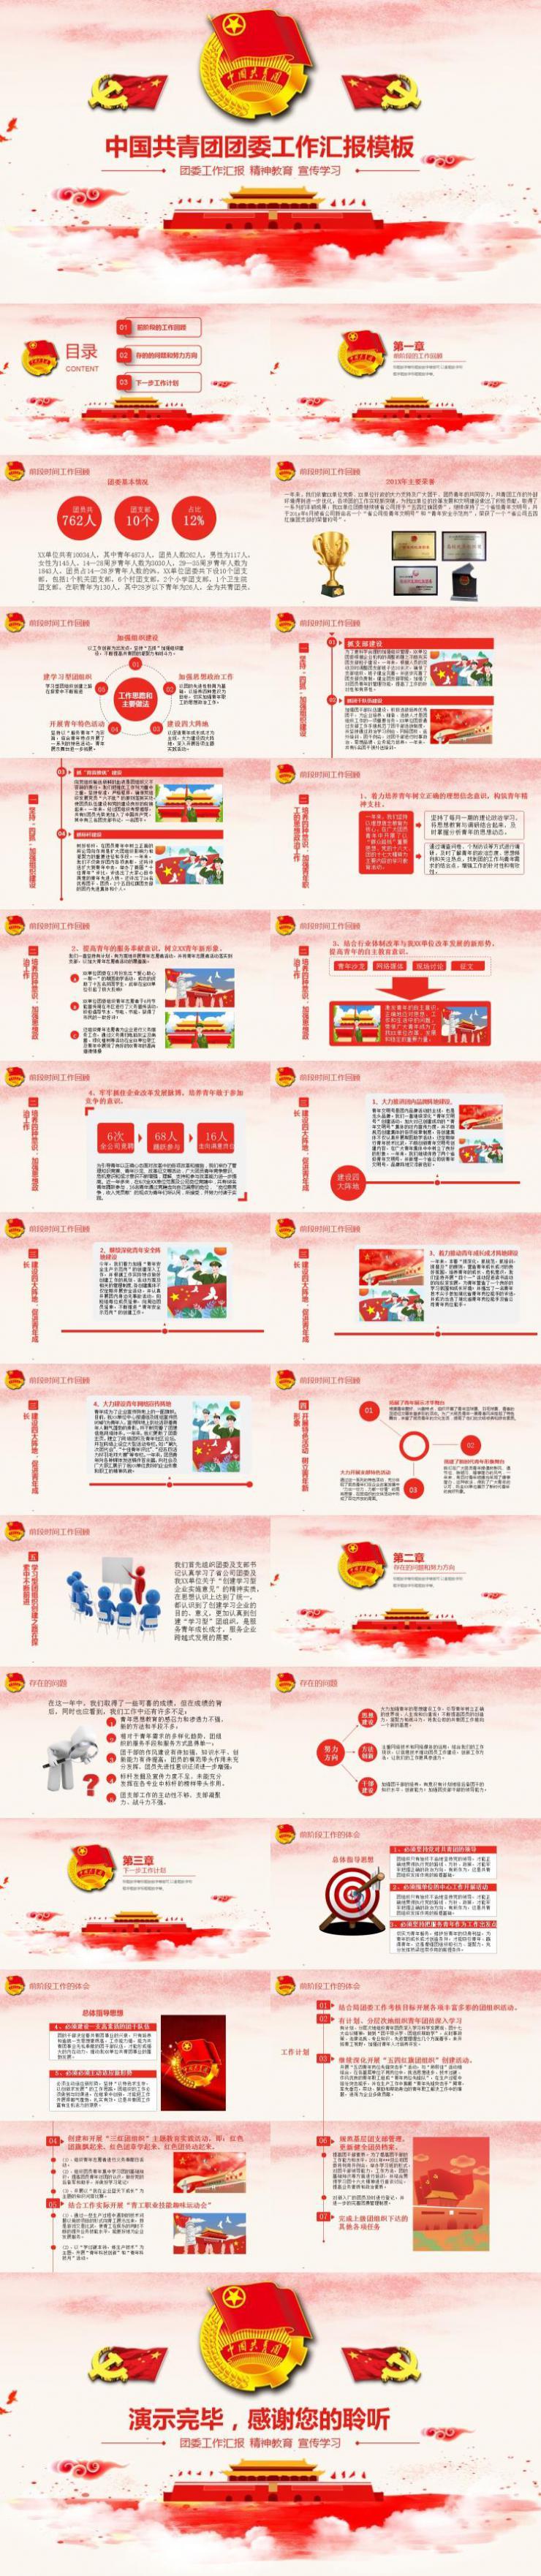 中国共青团团委工作汇报PPT模板